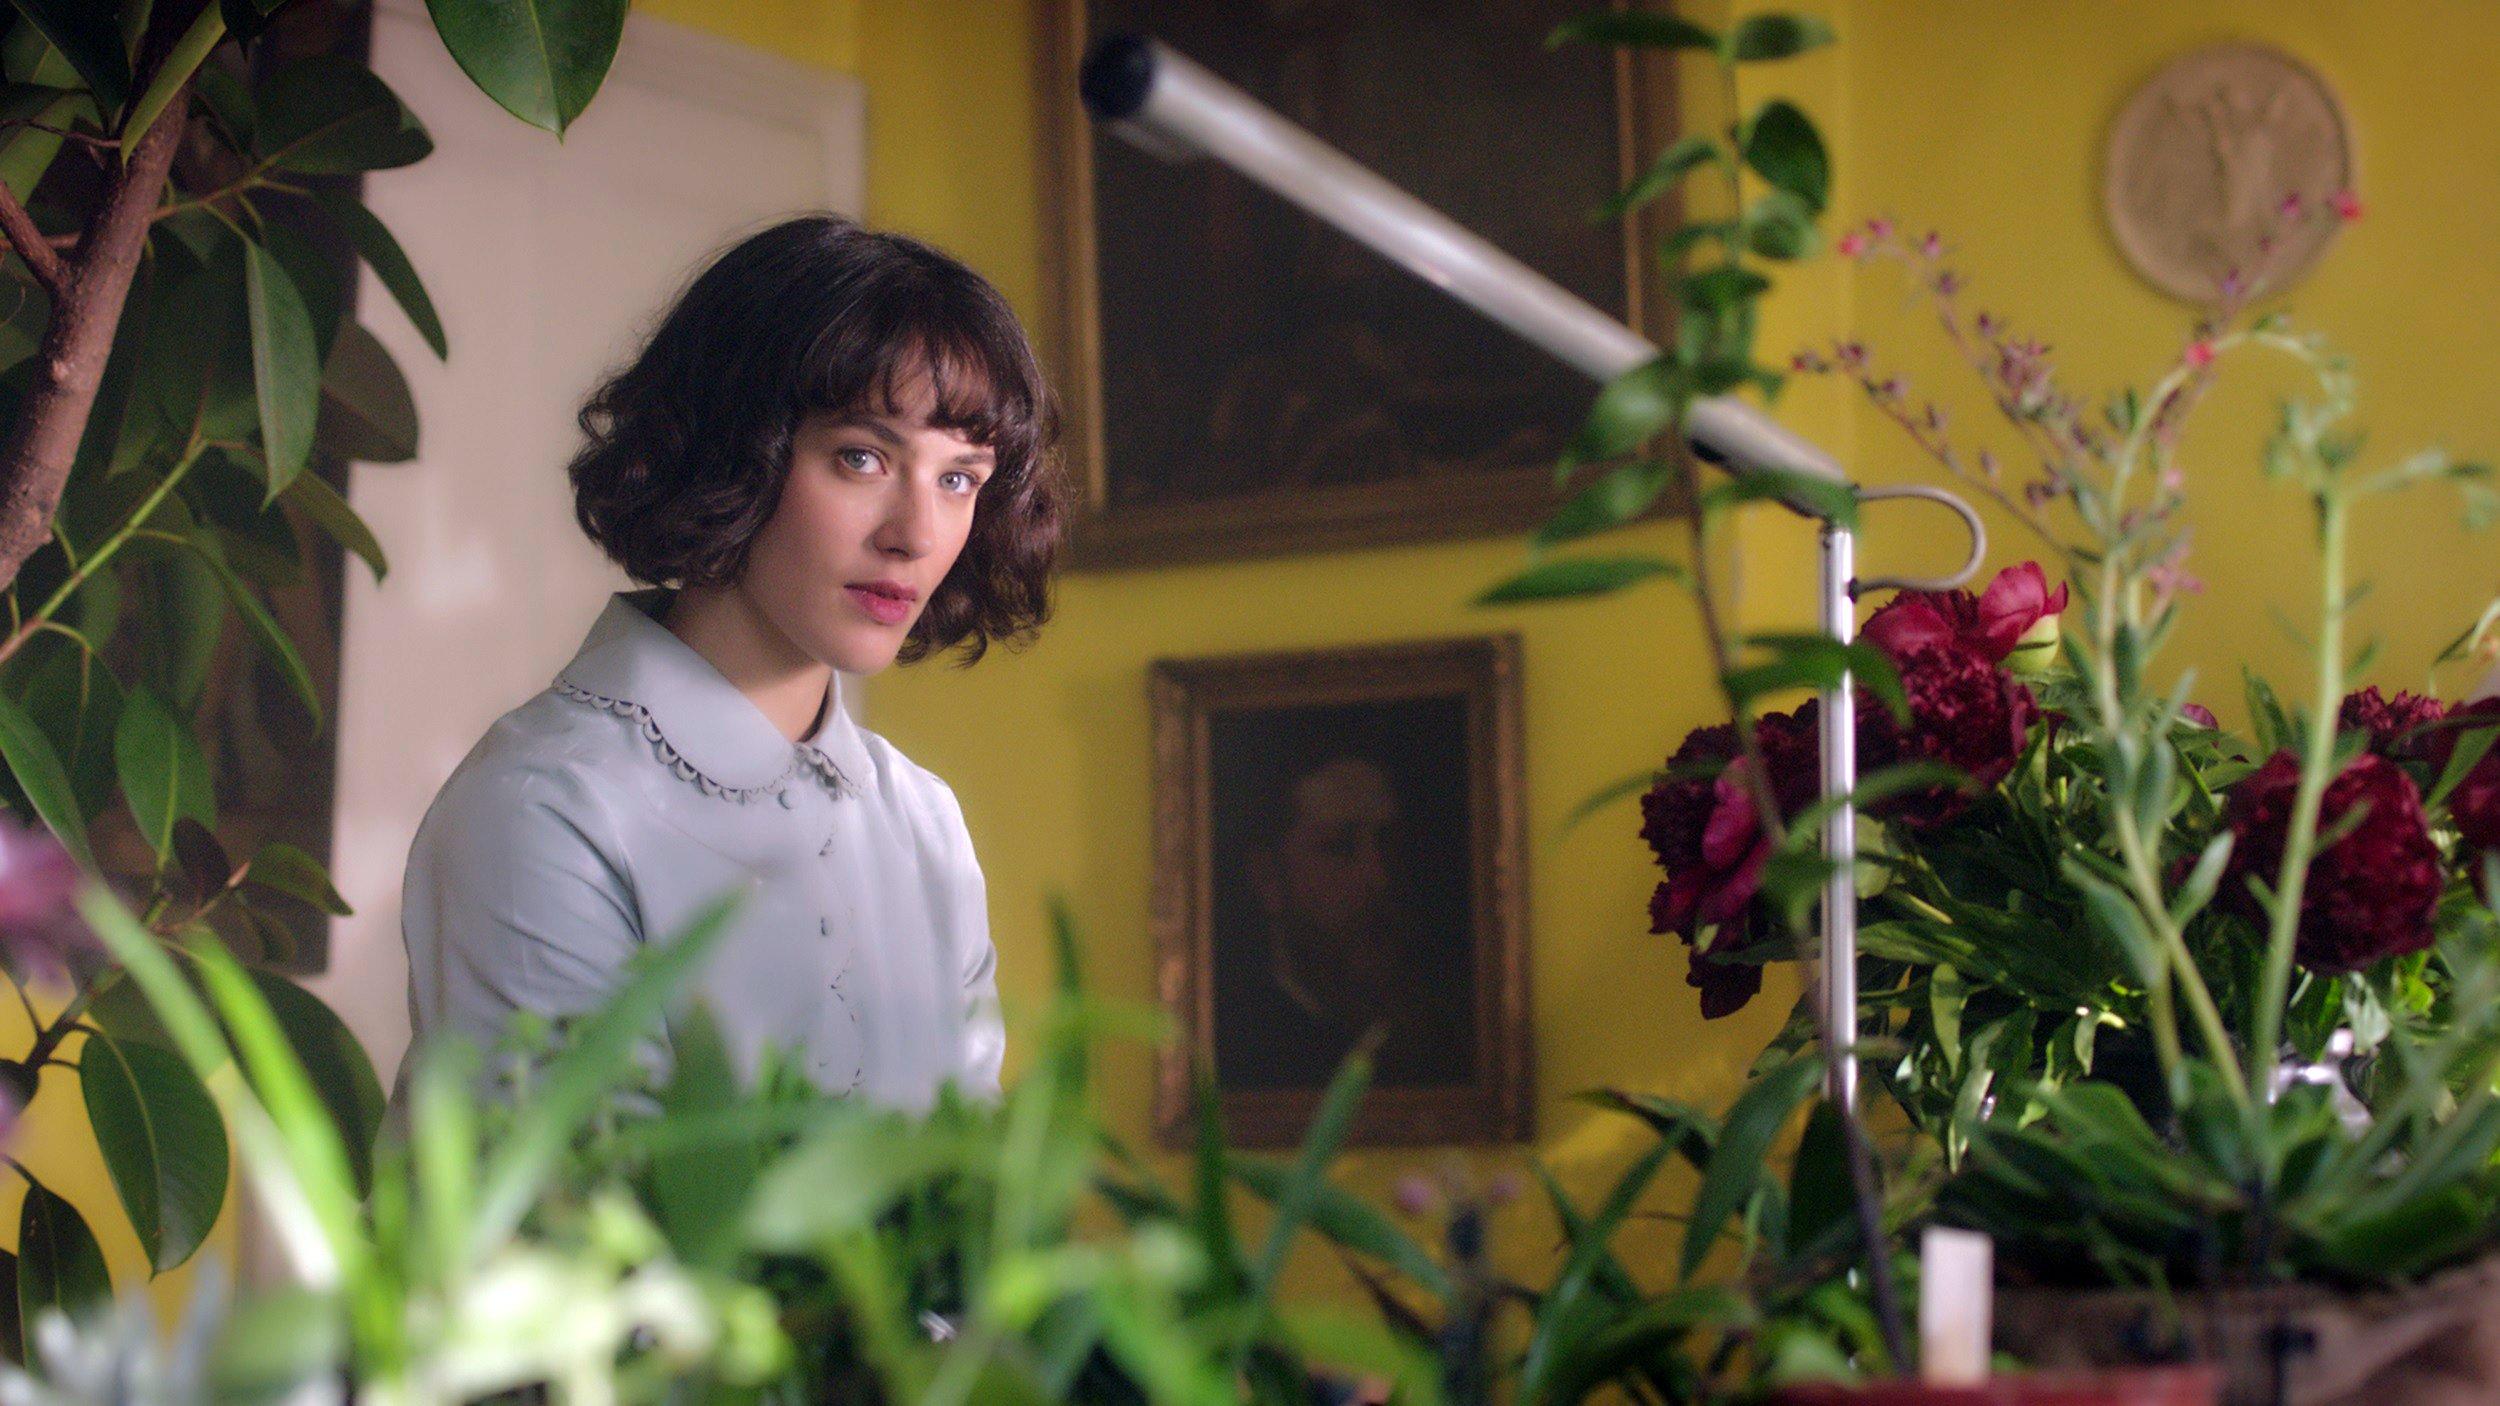 Le merveilleux jardin secret de bella brown film 1h for Le jardin secret film